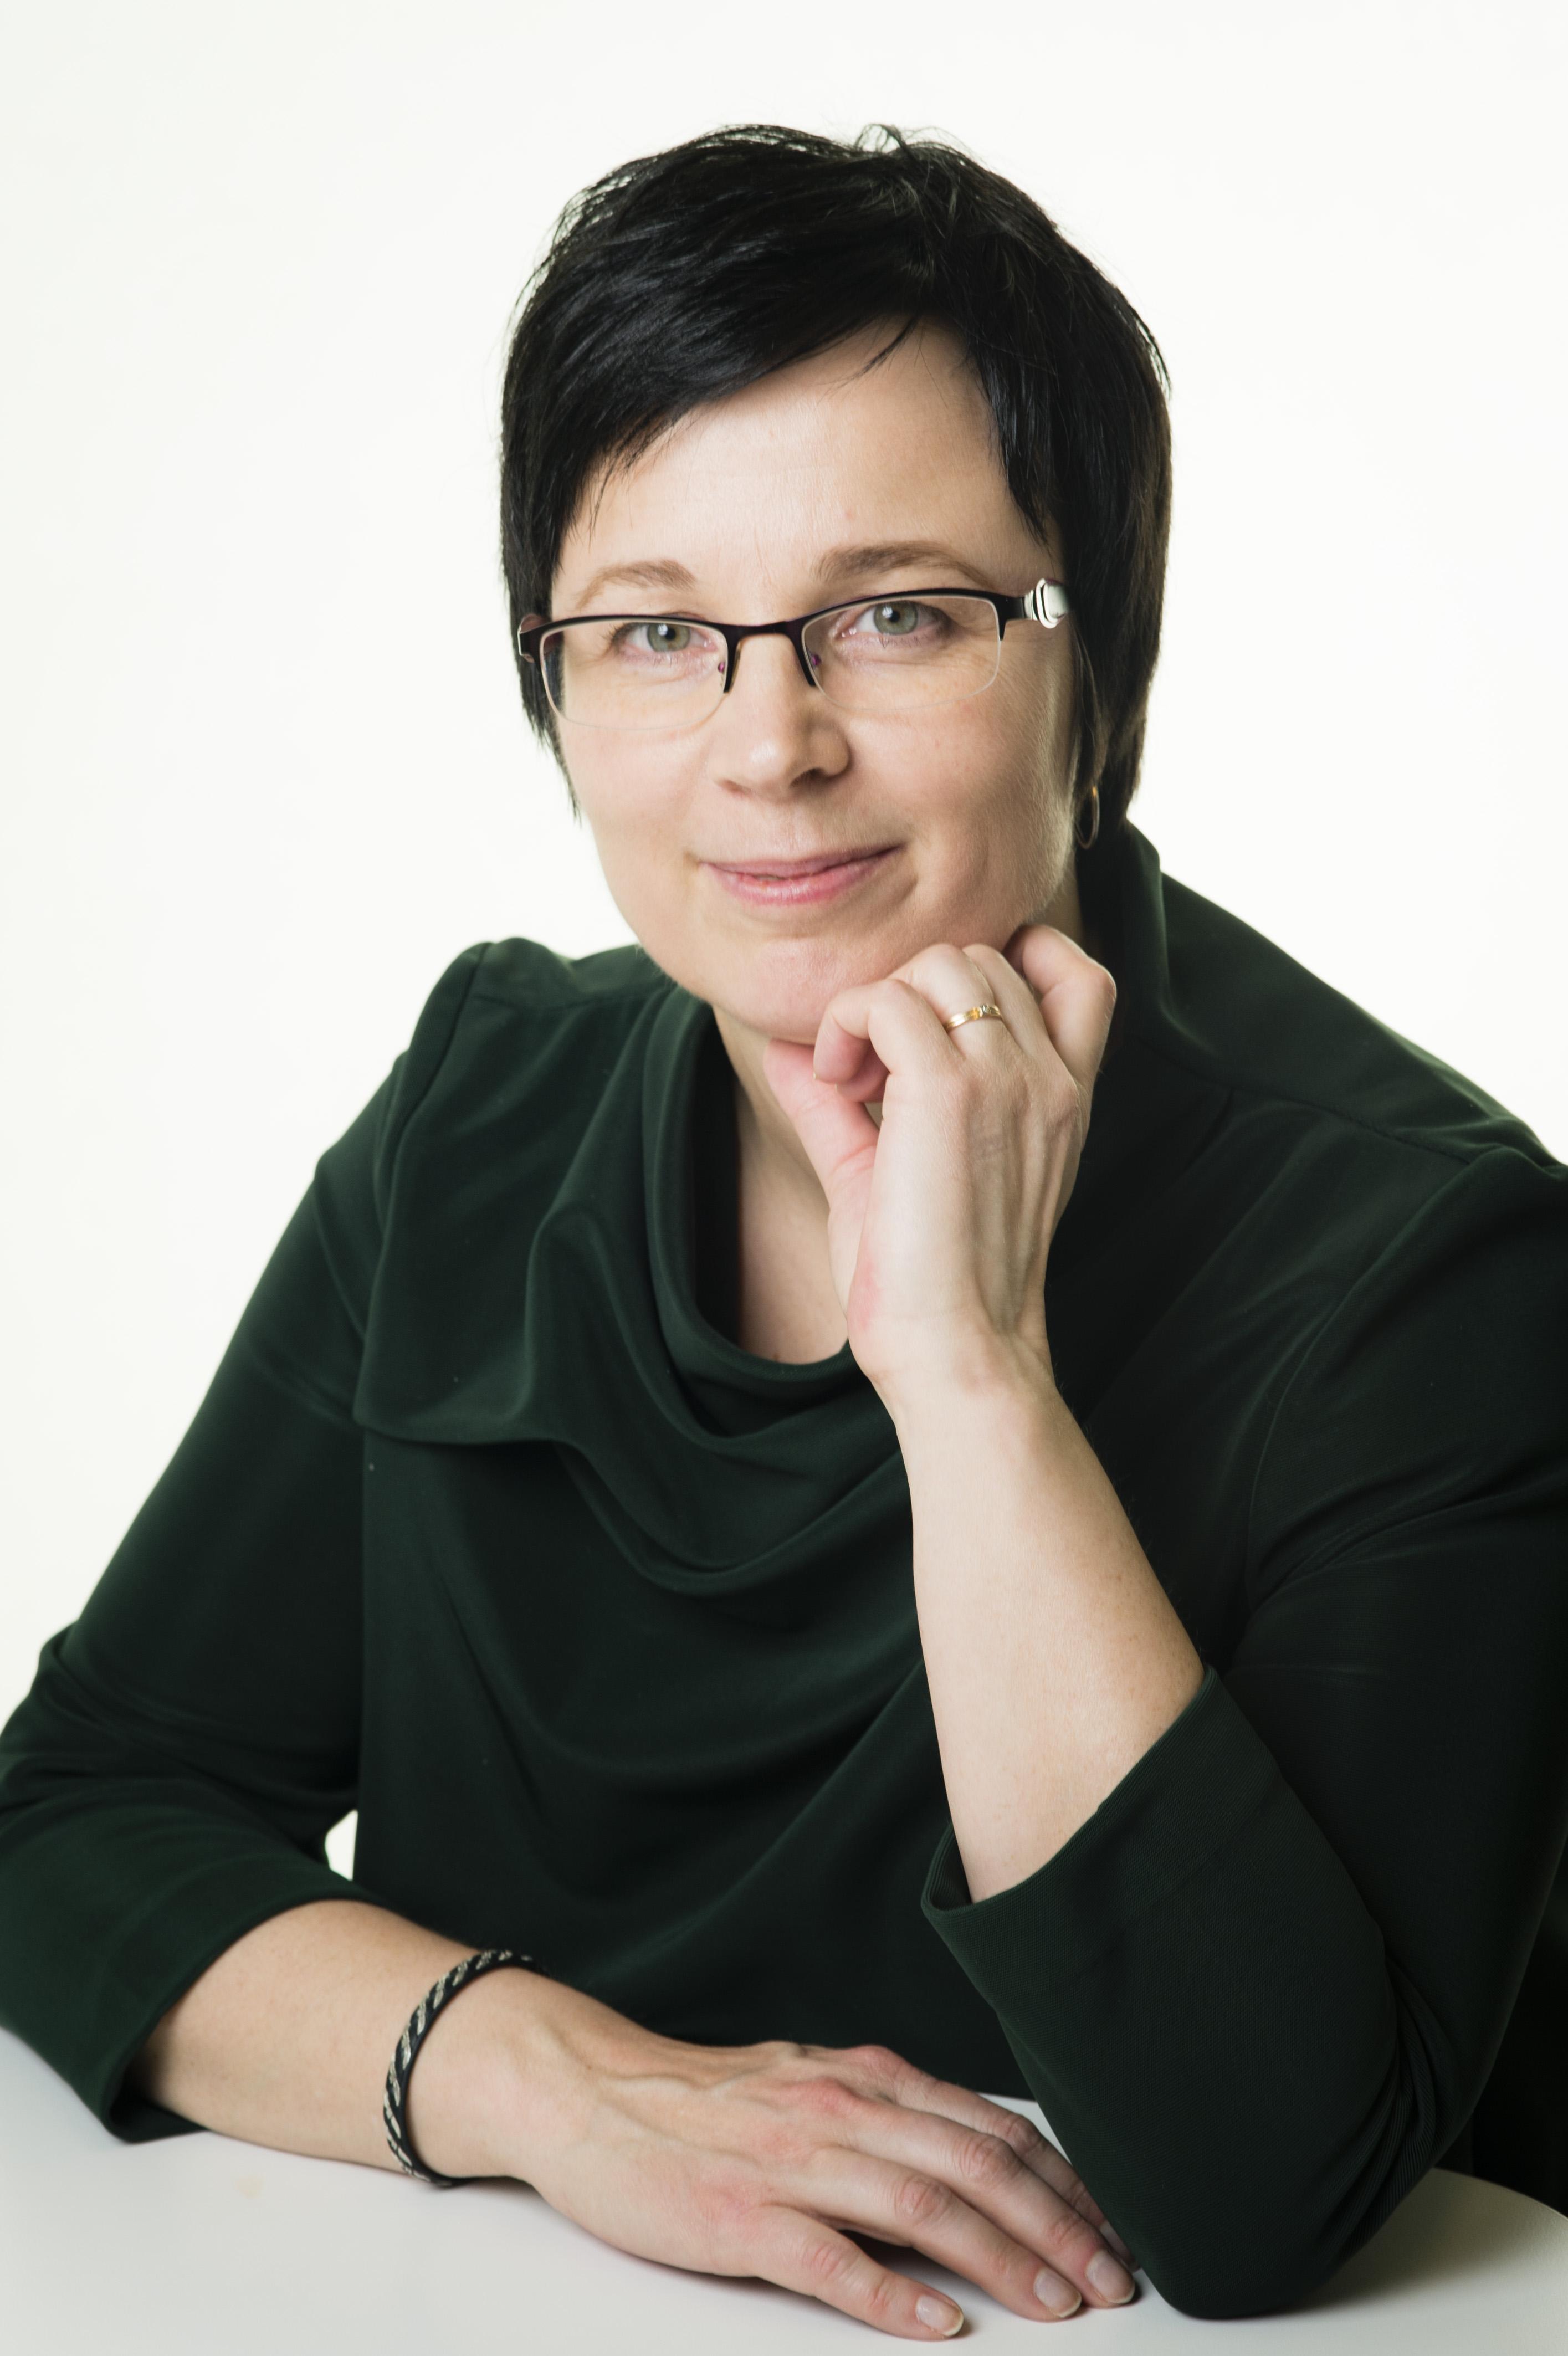 Johanna Vaattovaara